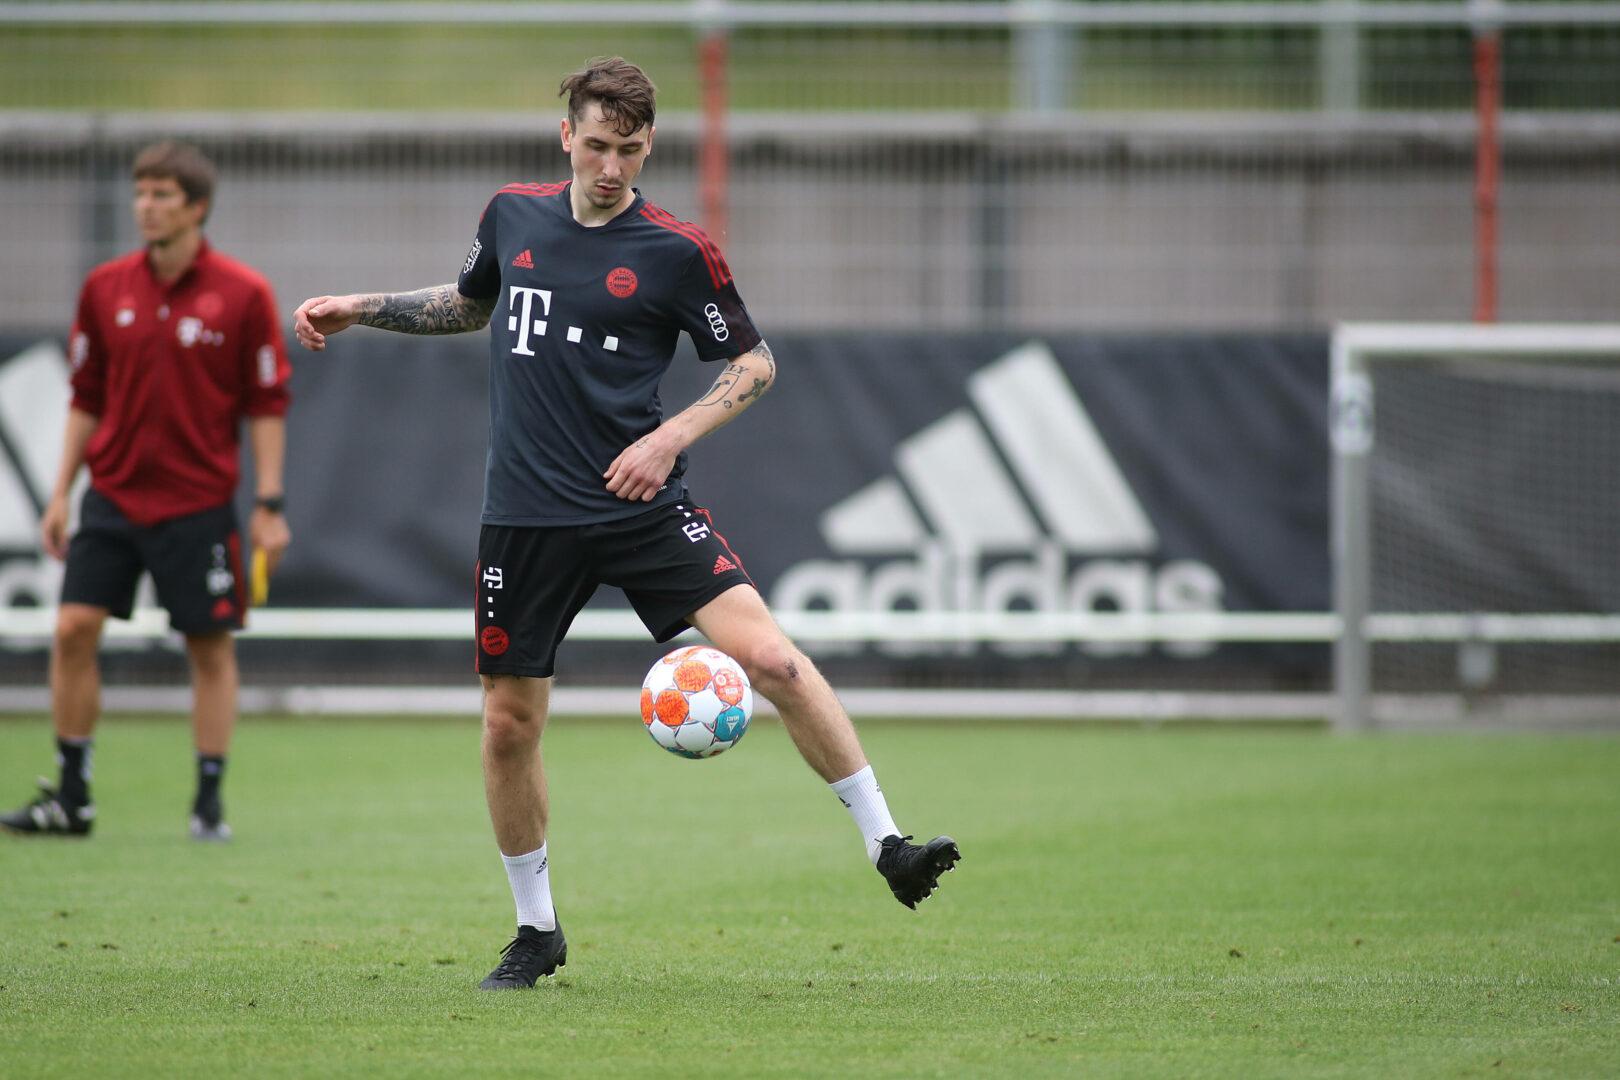 FC Bayern: Leihe von Adrian Fein zu Greuther Fürth fix